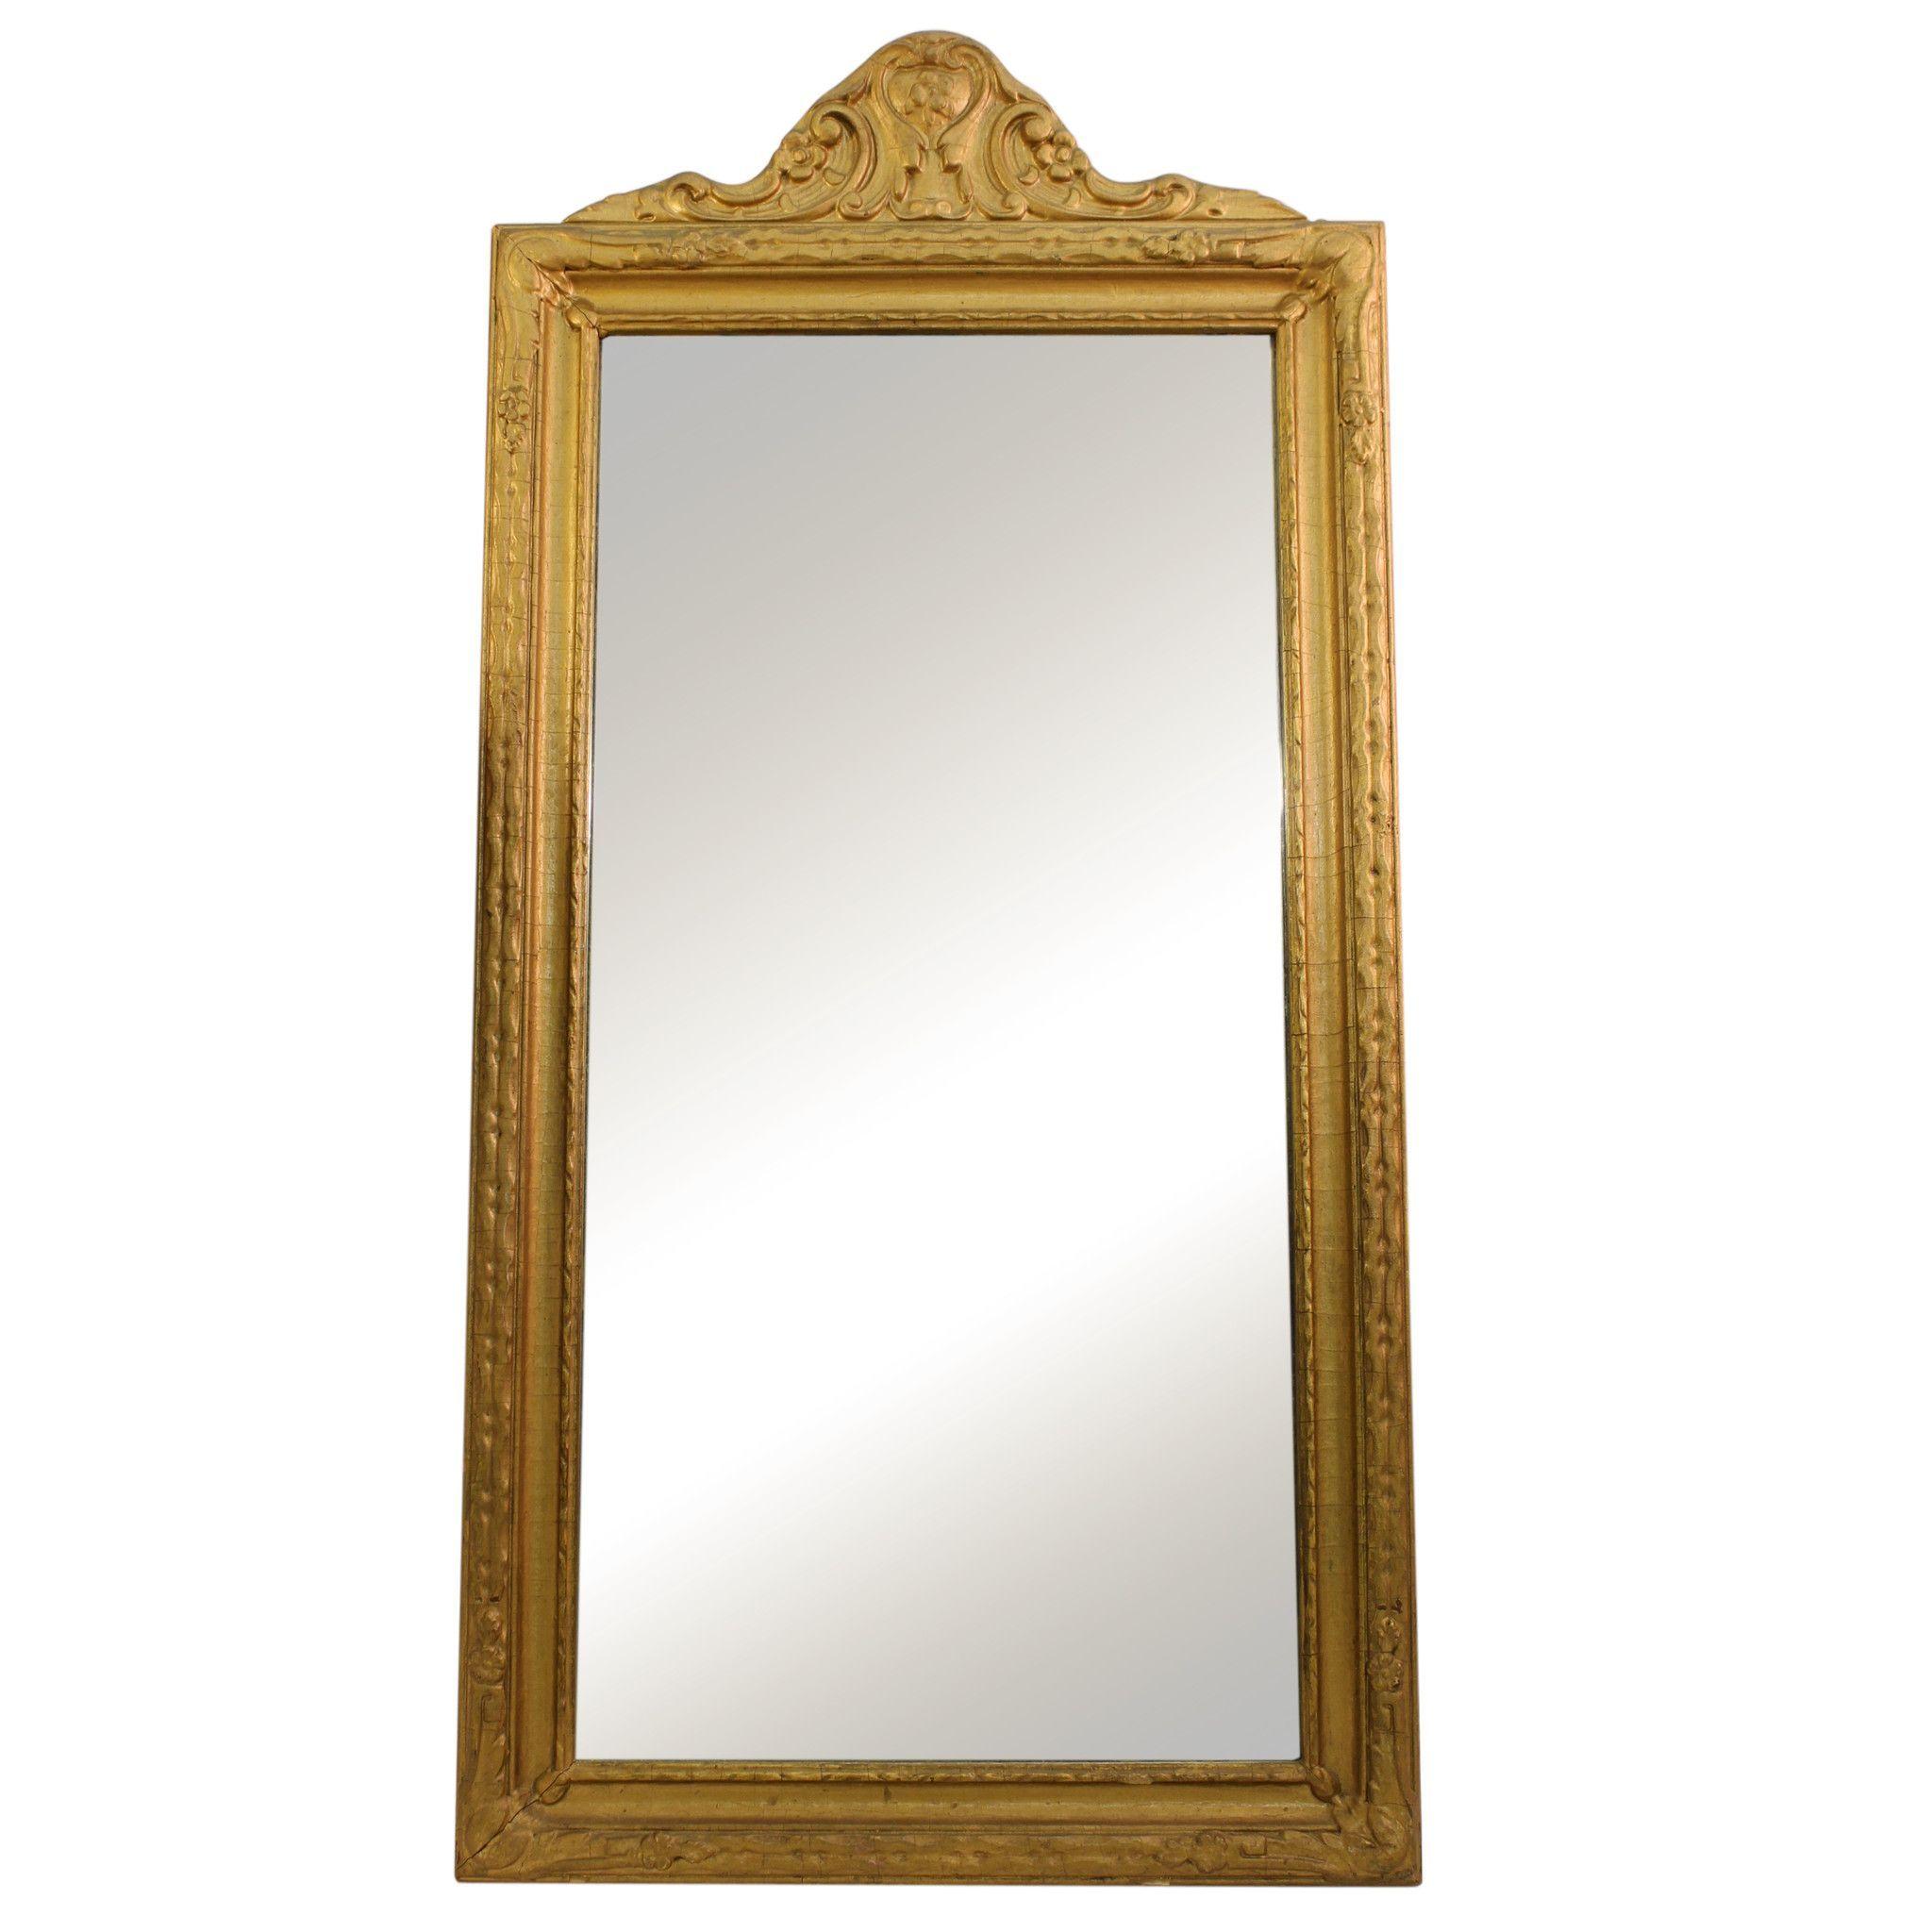 Vintage Gold Framed Mirror | Products | Pinterest | Gold framed ...